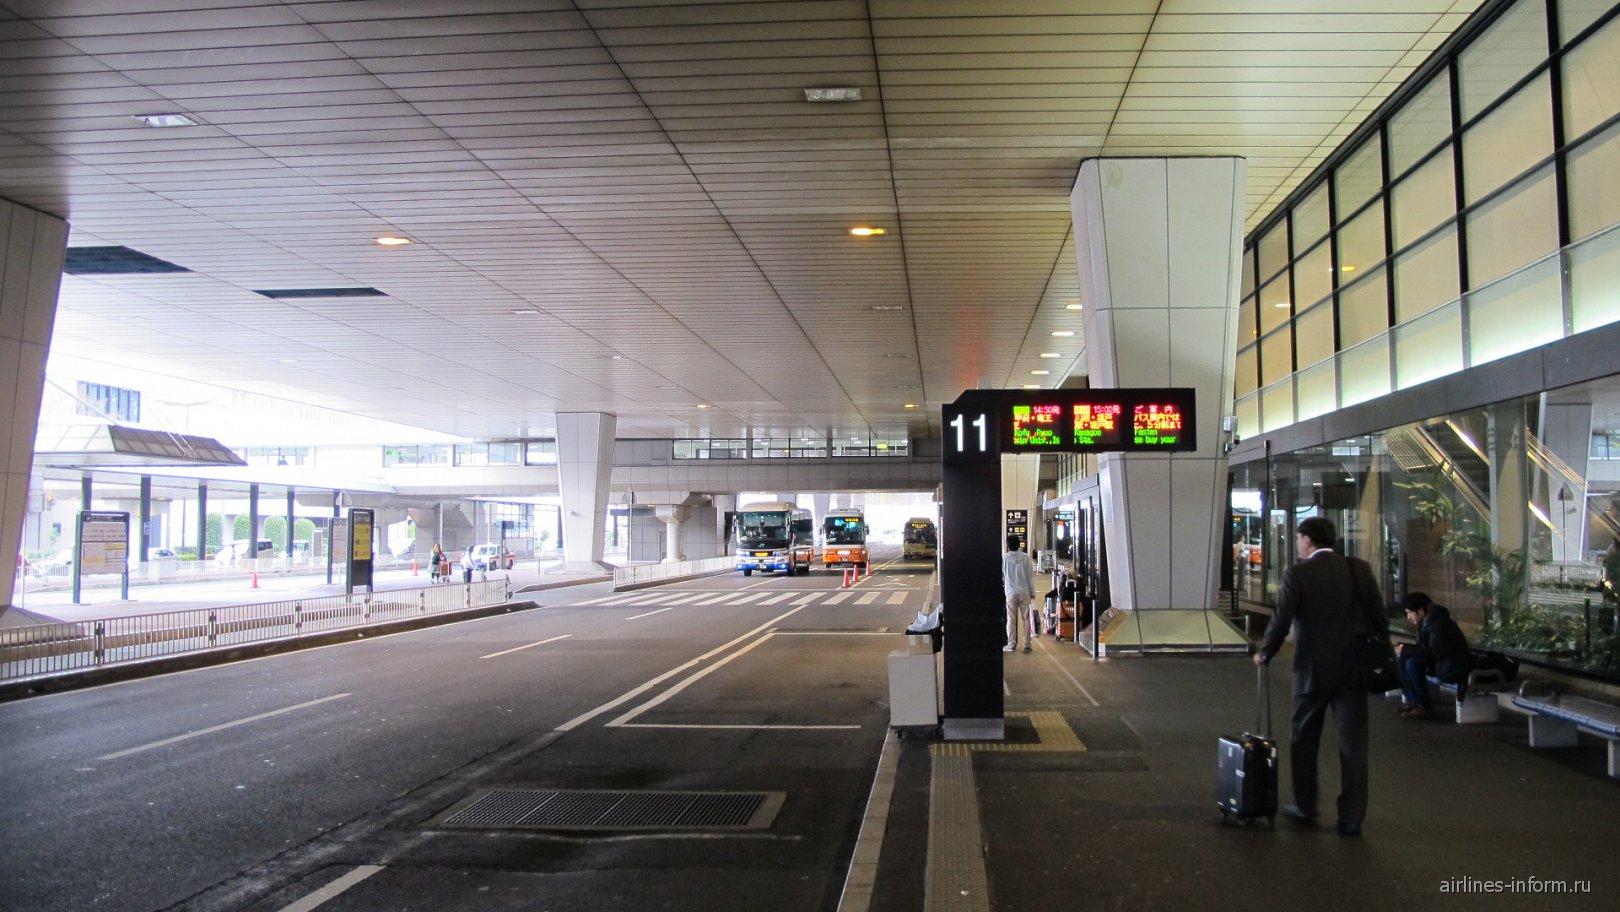 Автобусные остановки у терминала 2 аэропорта Токио Нарита